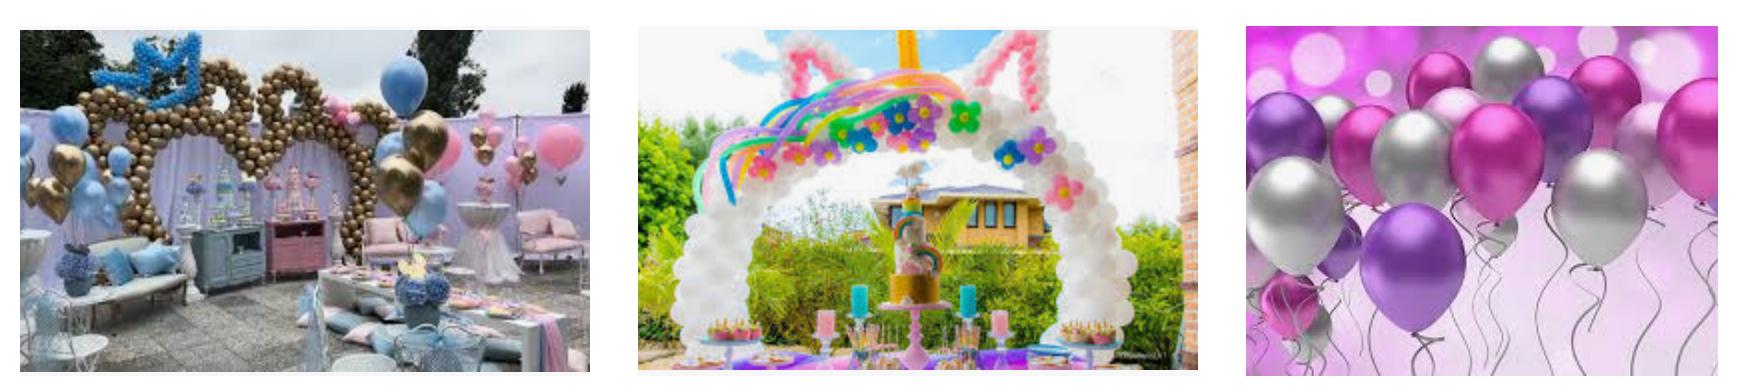 ballonnenkampioen, ballonnen, helium, ballondecoratie, decoratie